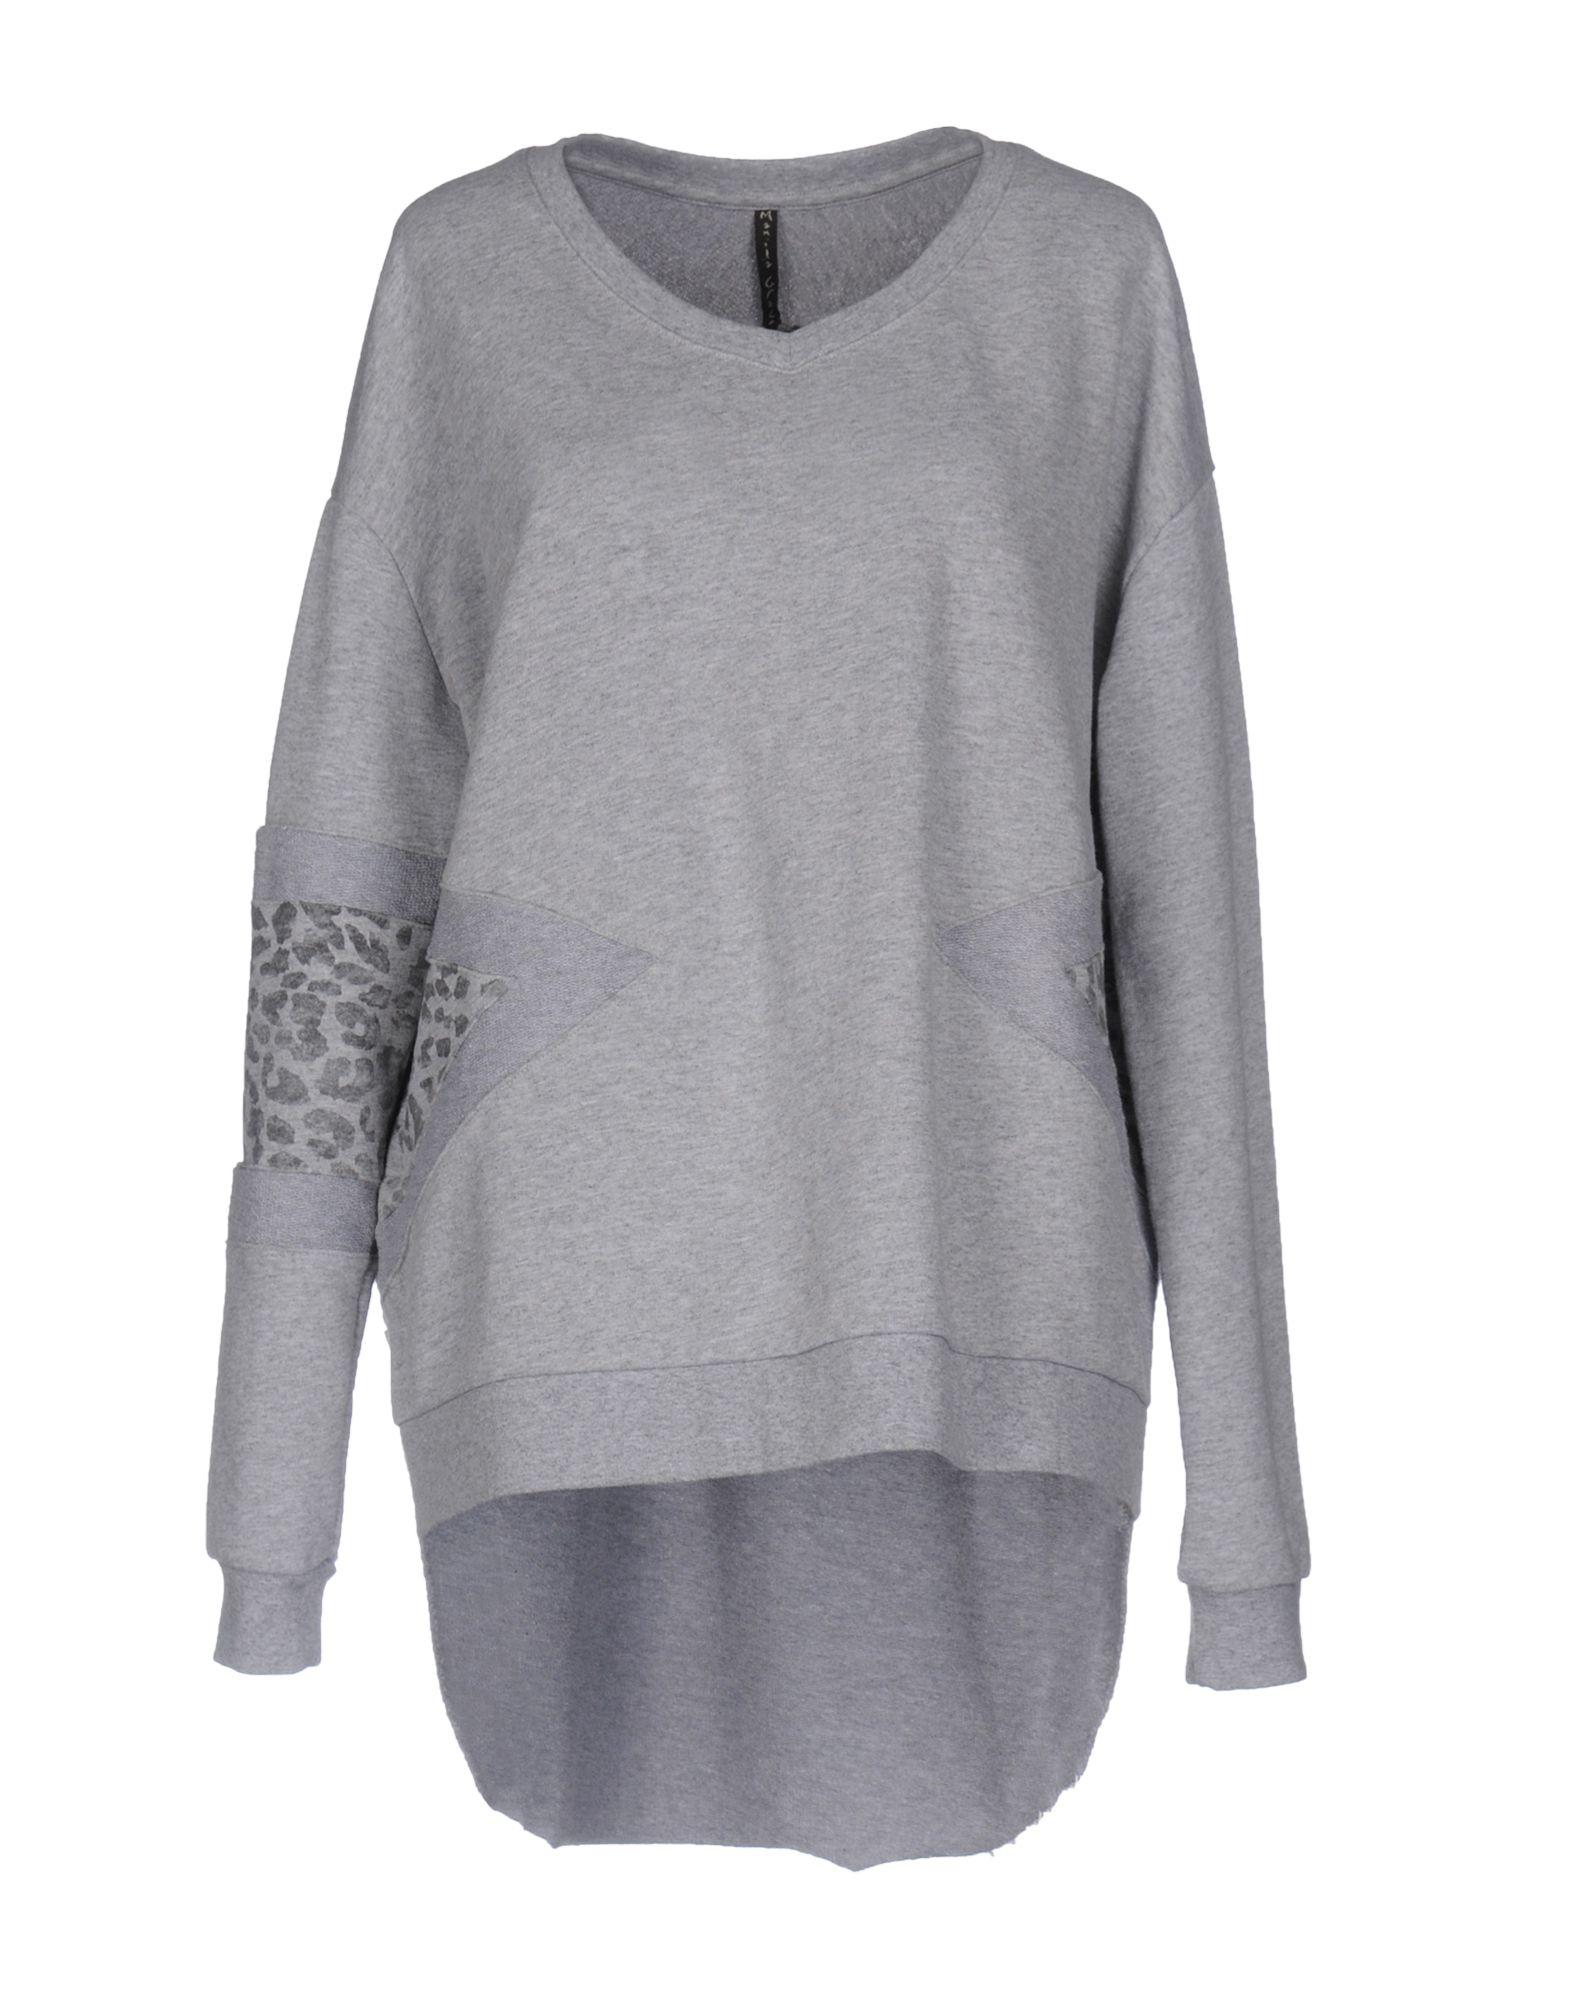 shirt Sweat Grâce Femmes Ligne ManilleAcheter En À rdCxQBoeWE